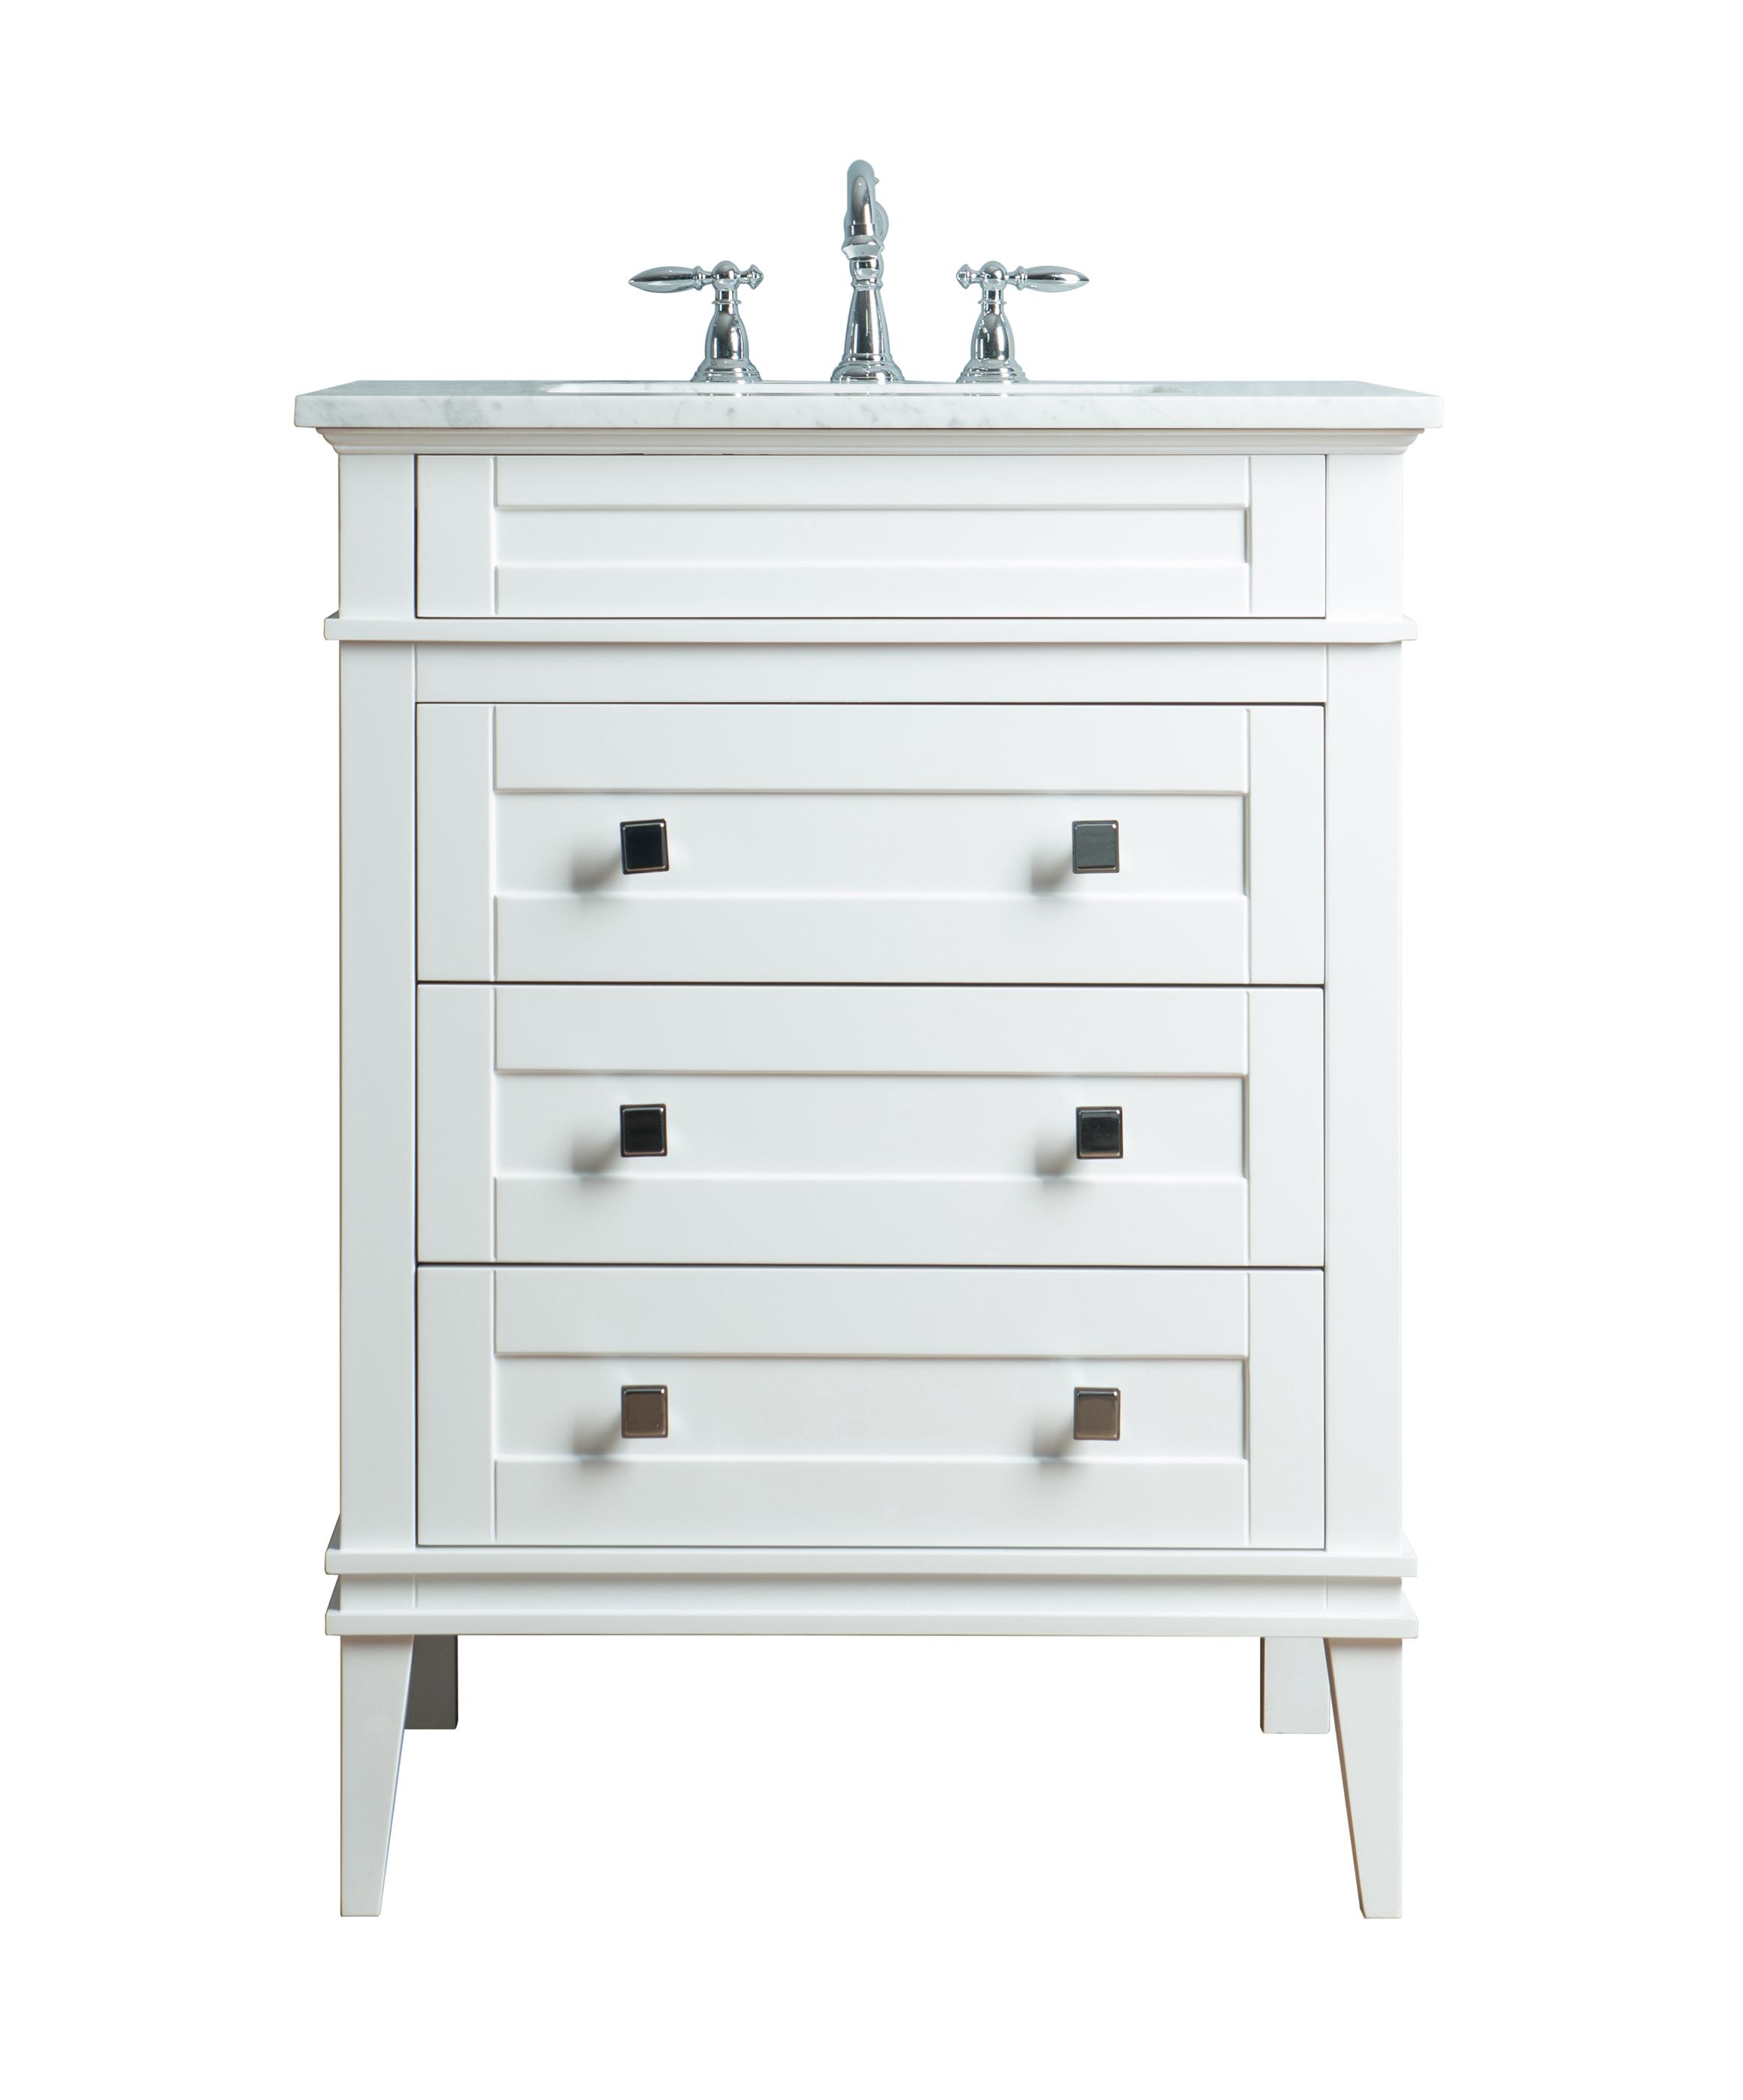 Single Sink Bathroom Vanity Corinne